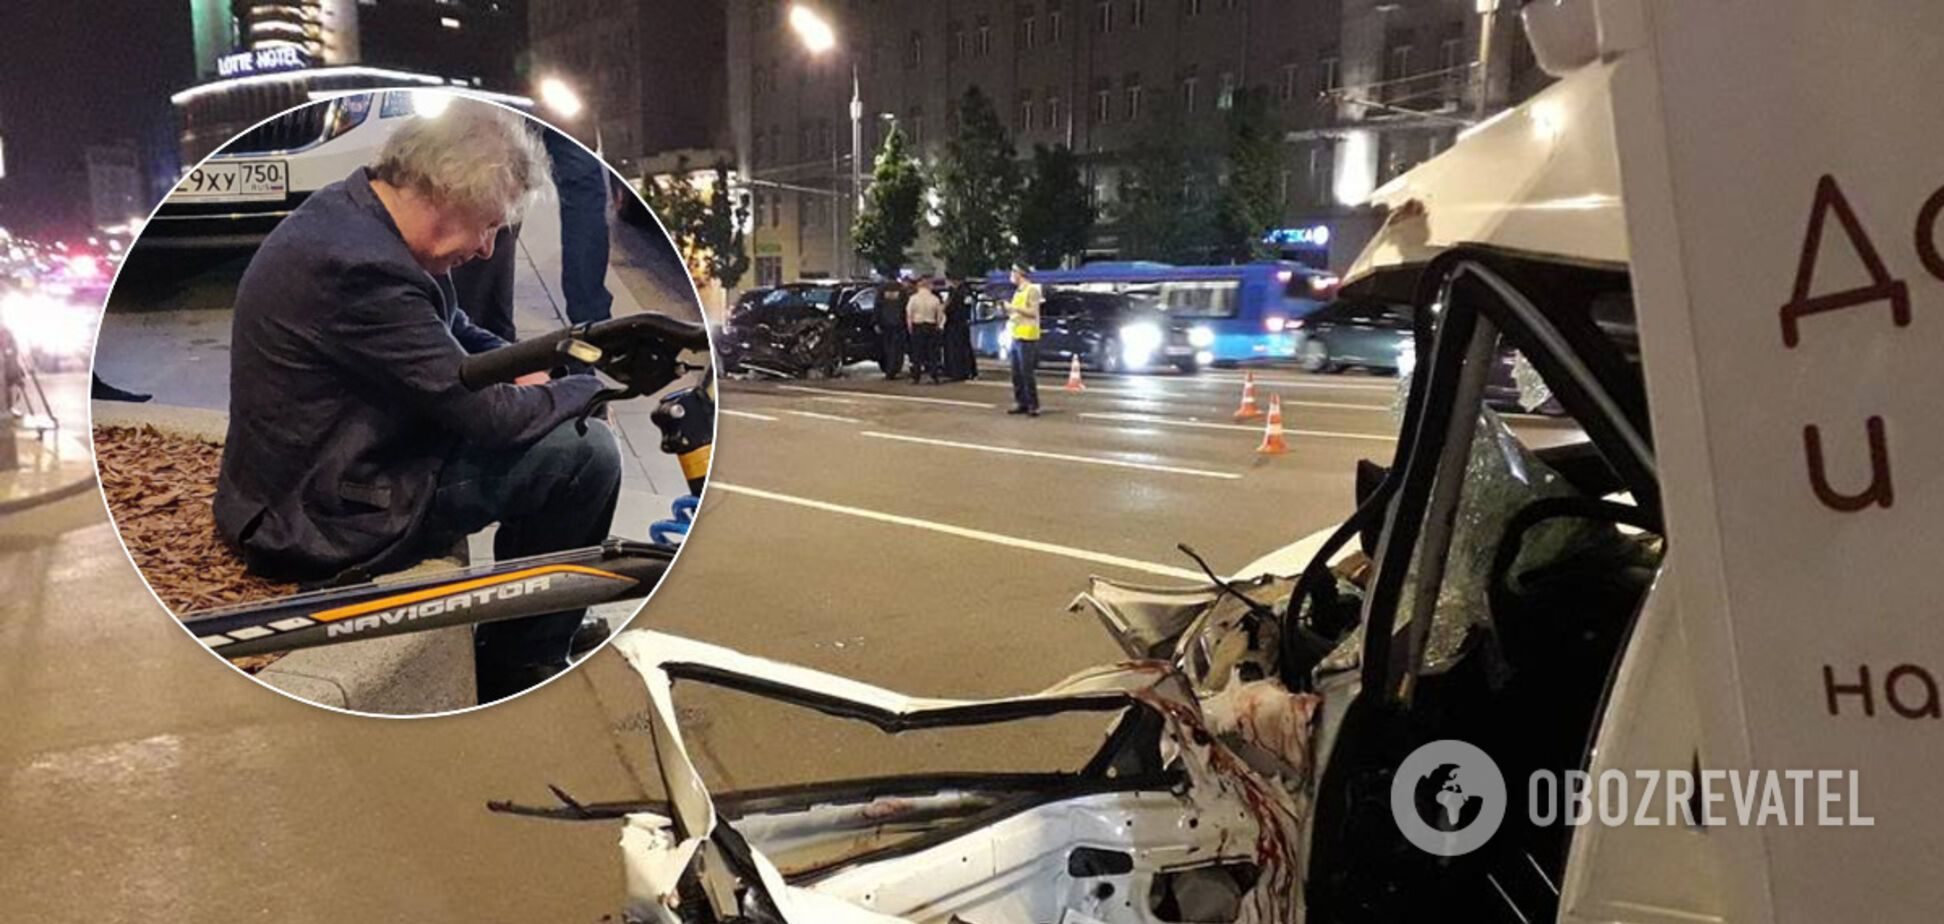 Михаил Ефремов на момент аварии был сильно пьян